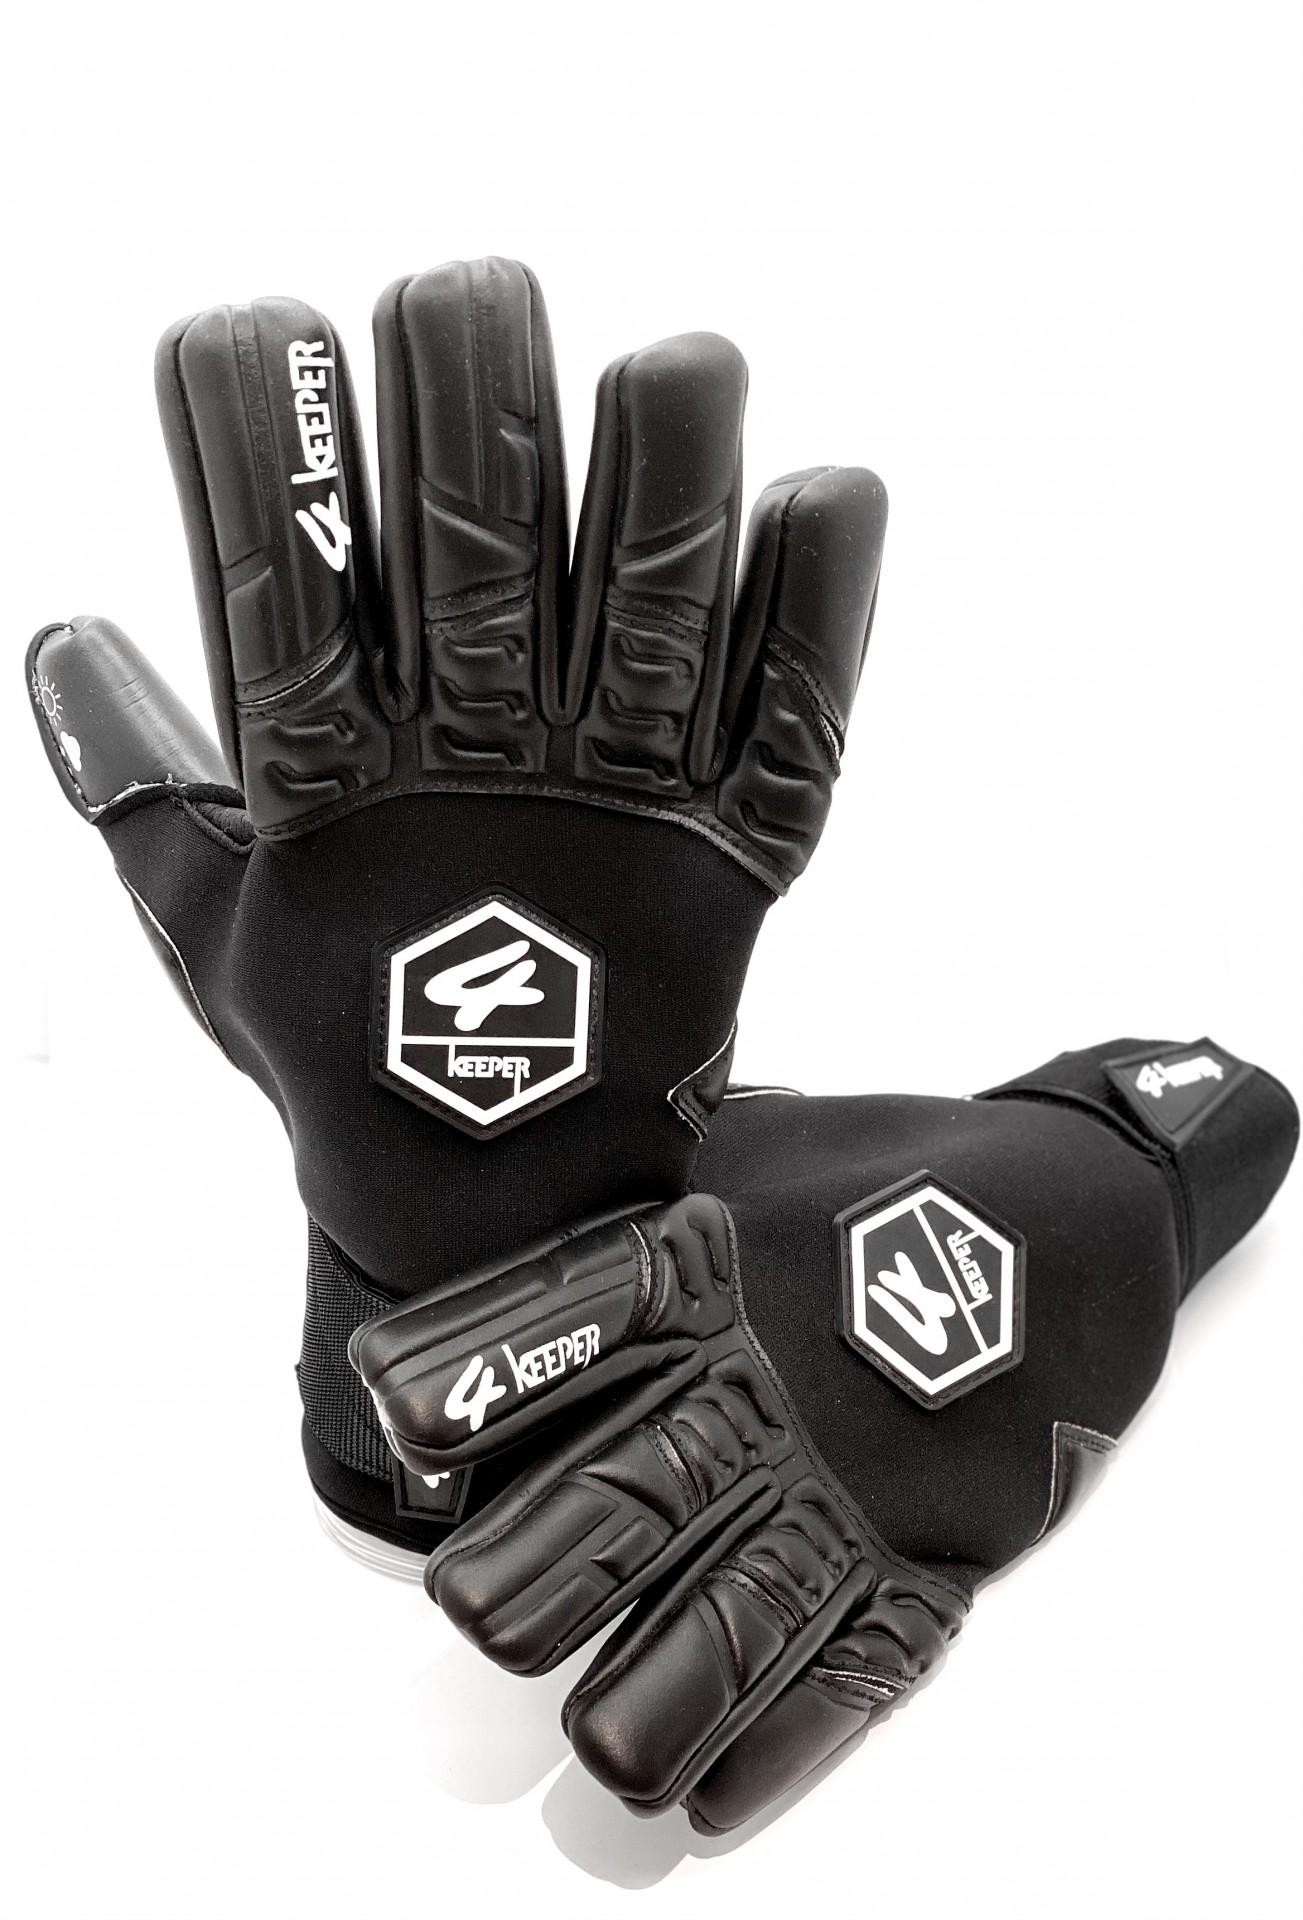 4 Keeper Black Pro